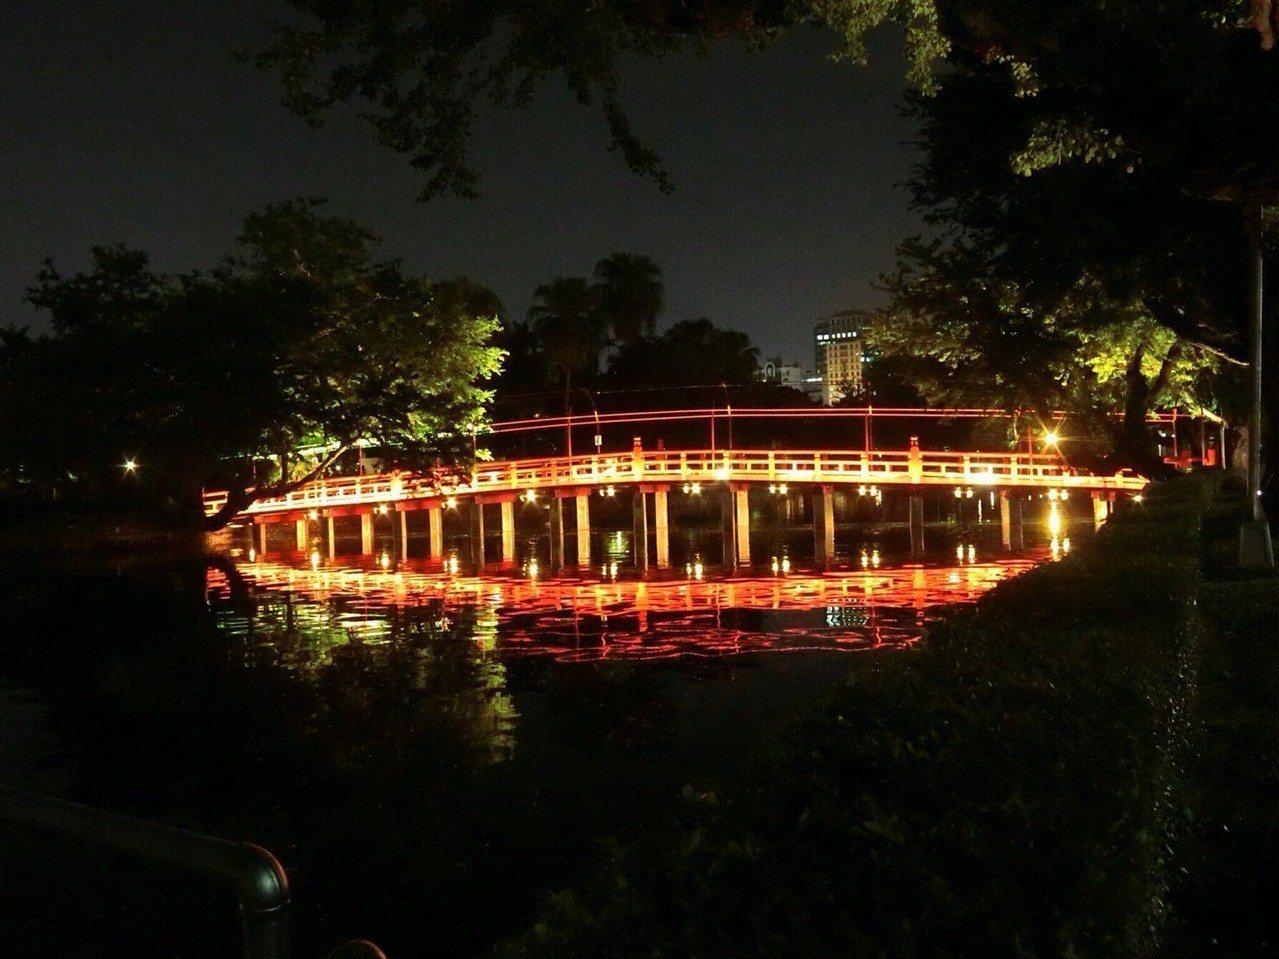 台中公園的紅色日式木造「中山橋」,安裝赭紅色的線條燈,打亮橋面,凸顯優雅外觀。圖...